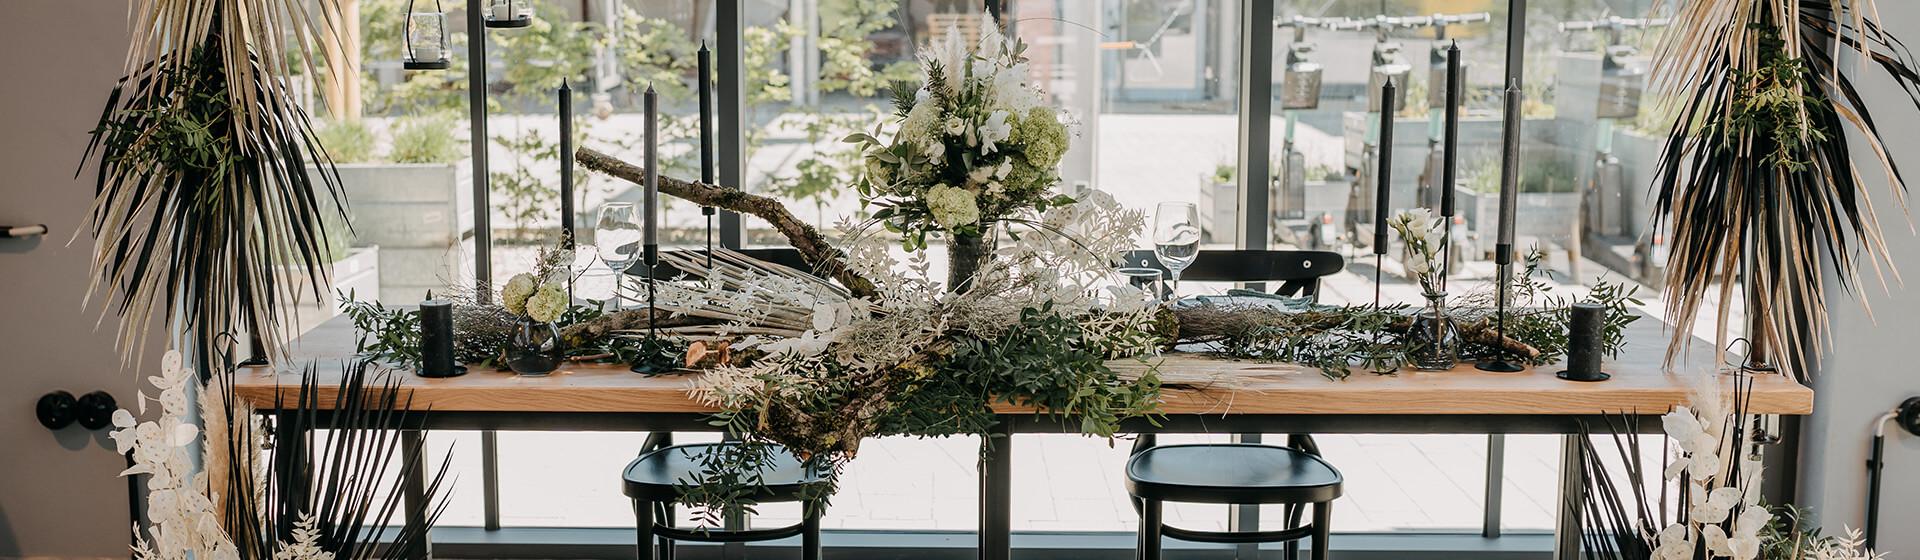 dekorierter Brauttisch